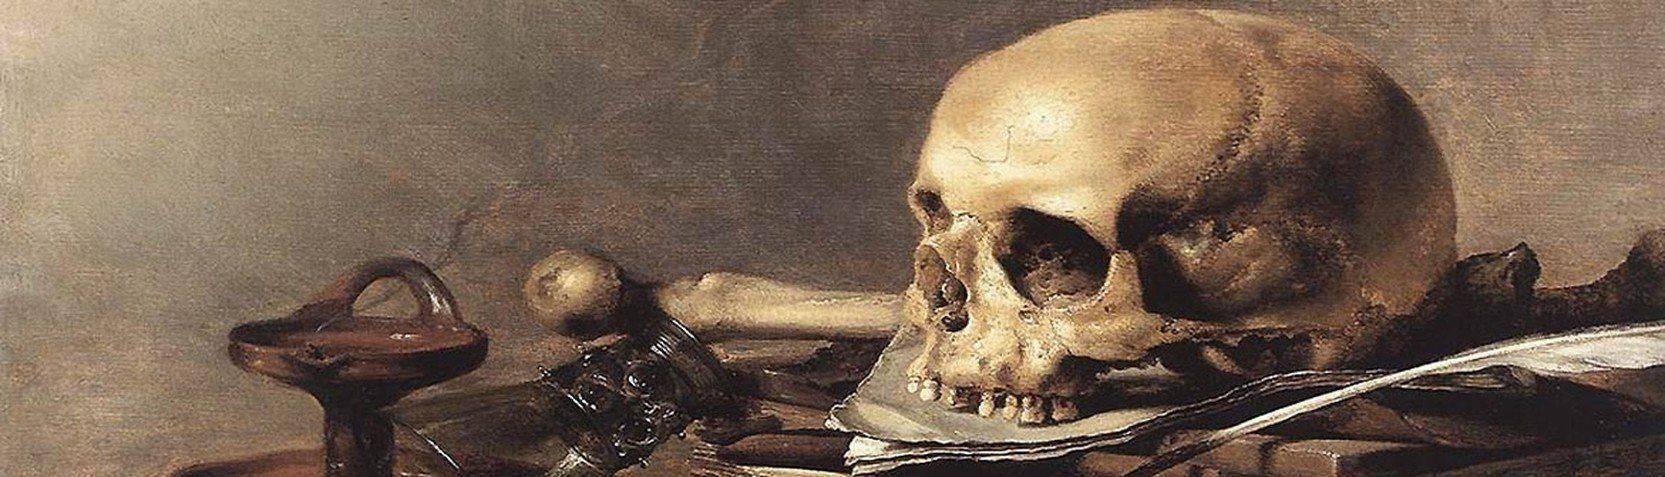 Collezioni - Morte e tristezza